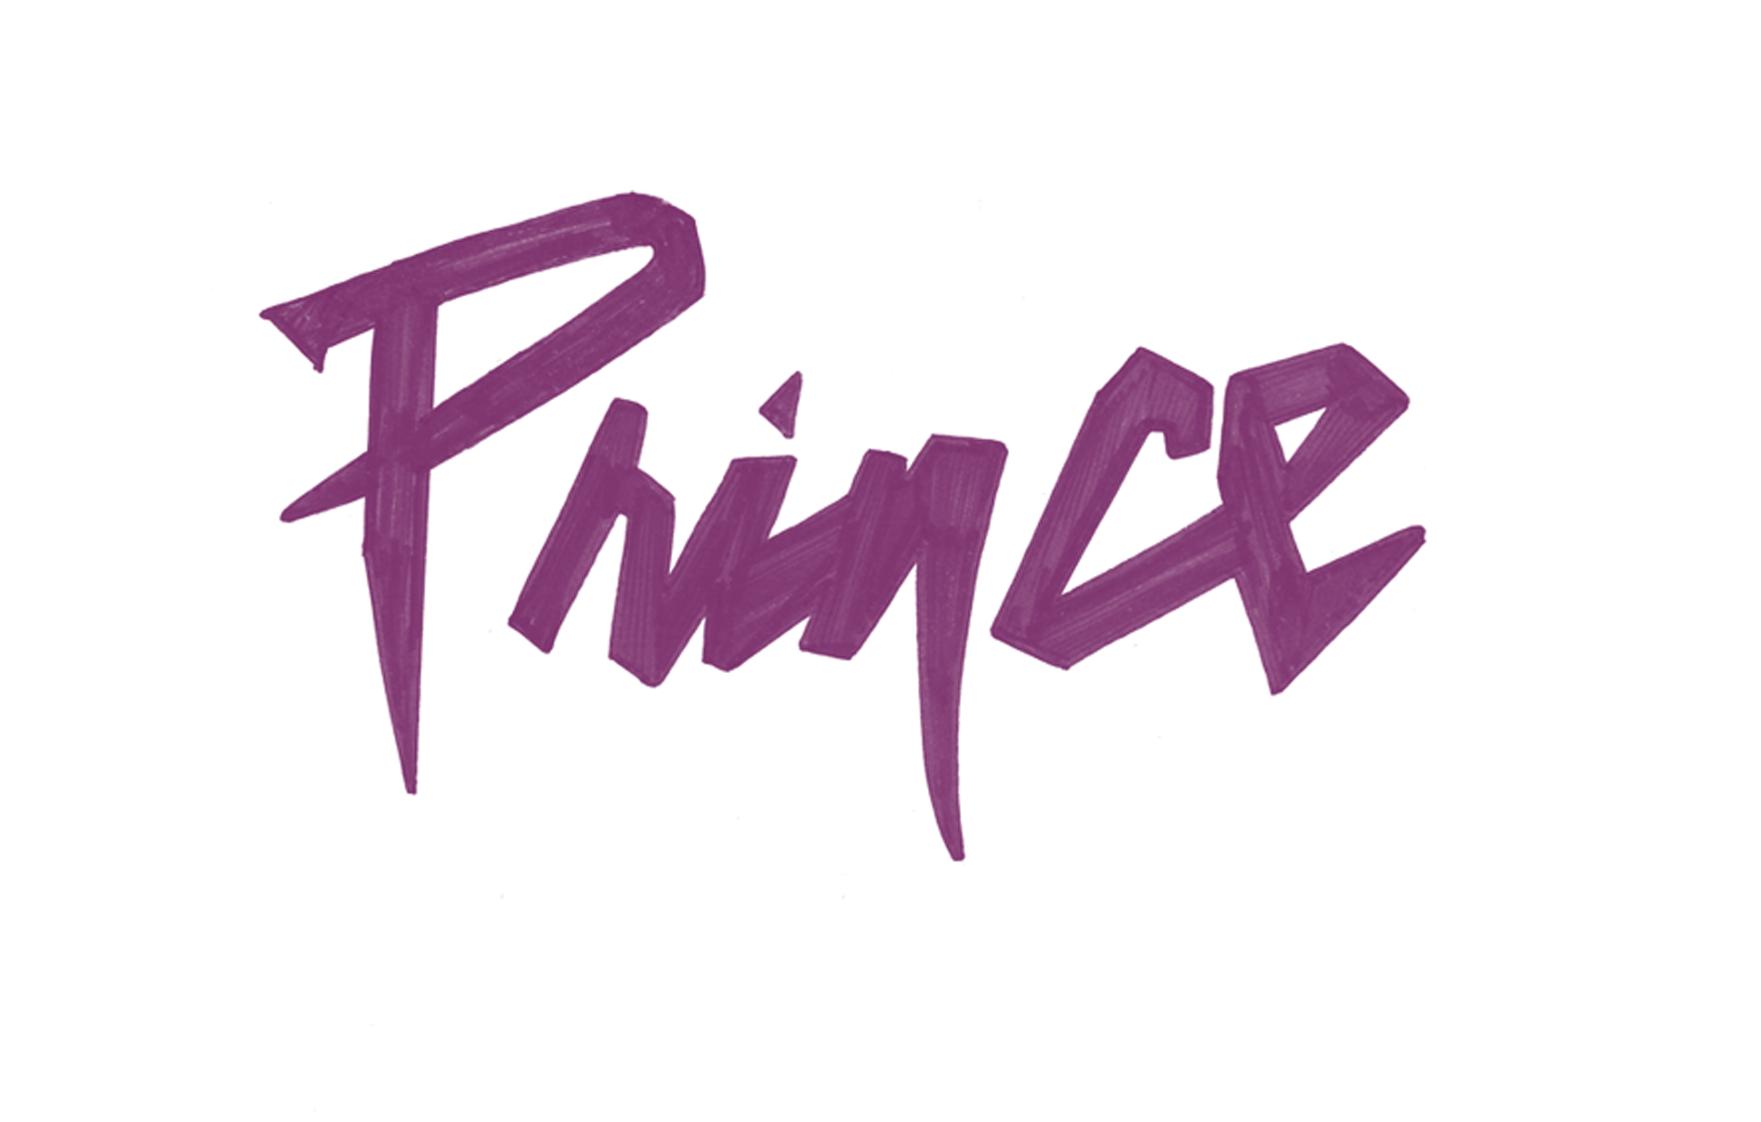 princepattern3-copy.png